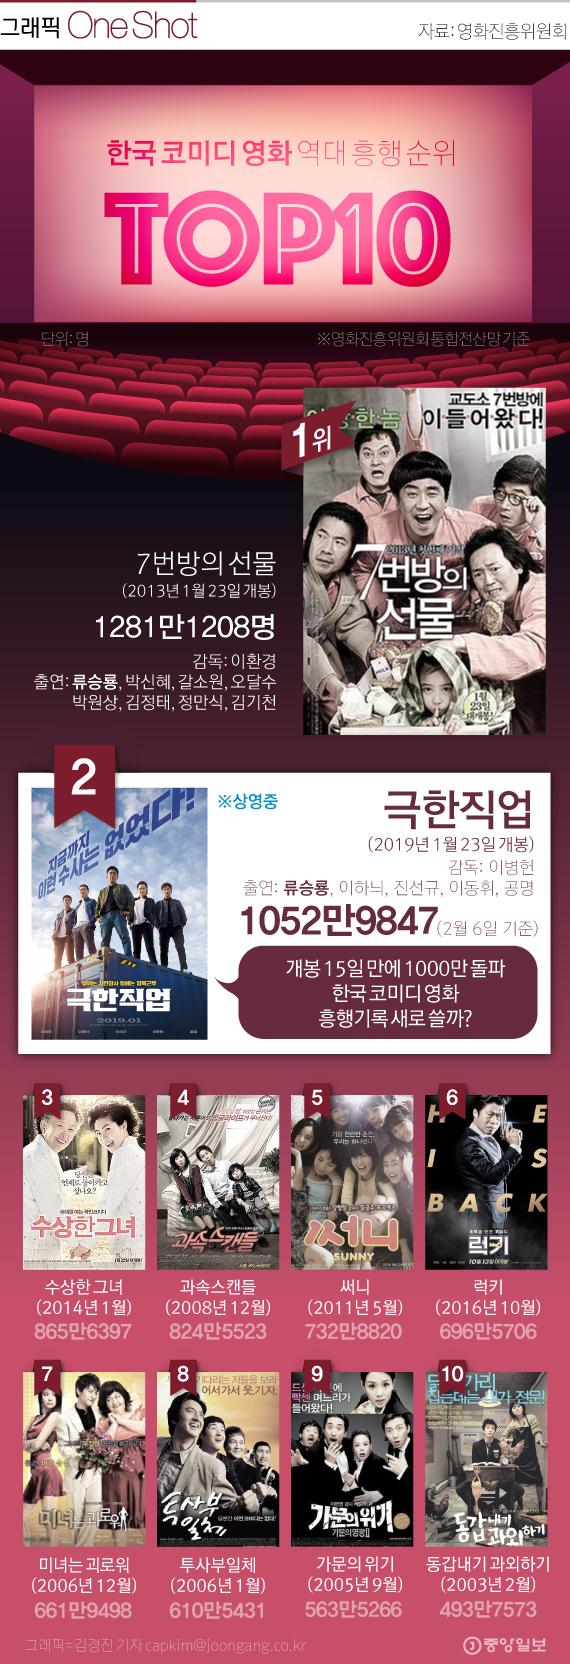 한국 코미디 영화 흥행 기록 새로 쓰는 영화 '극한직업'